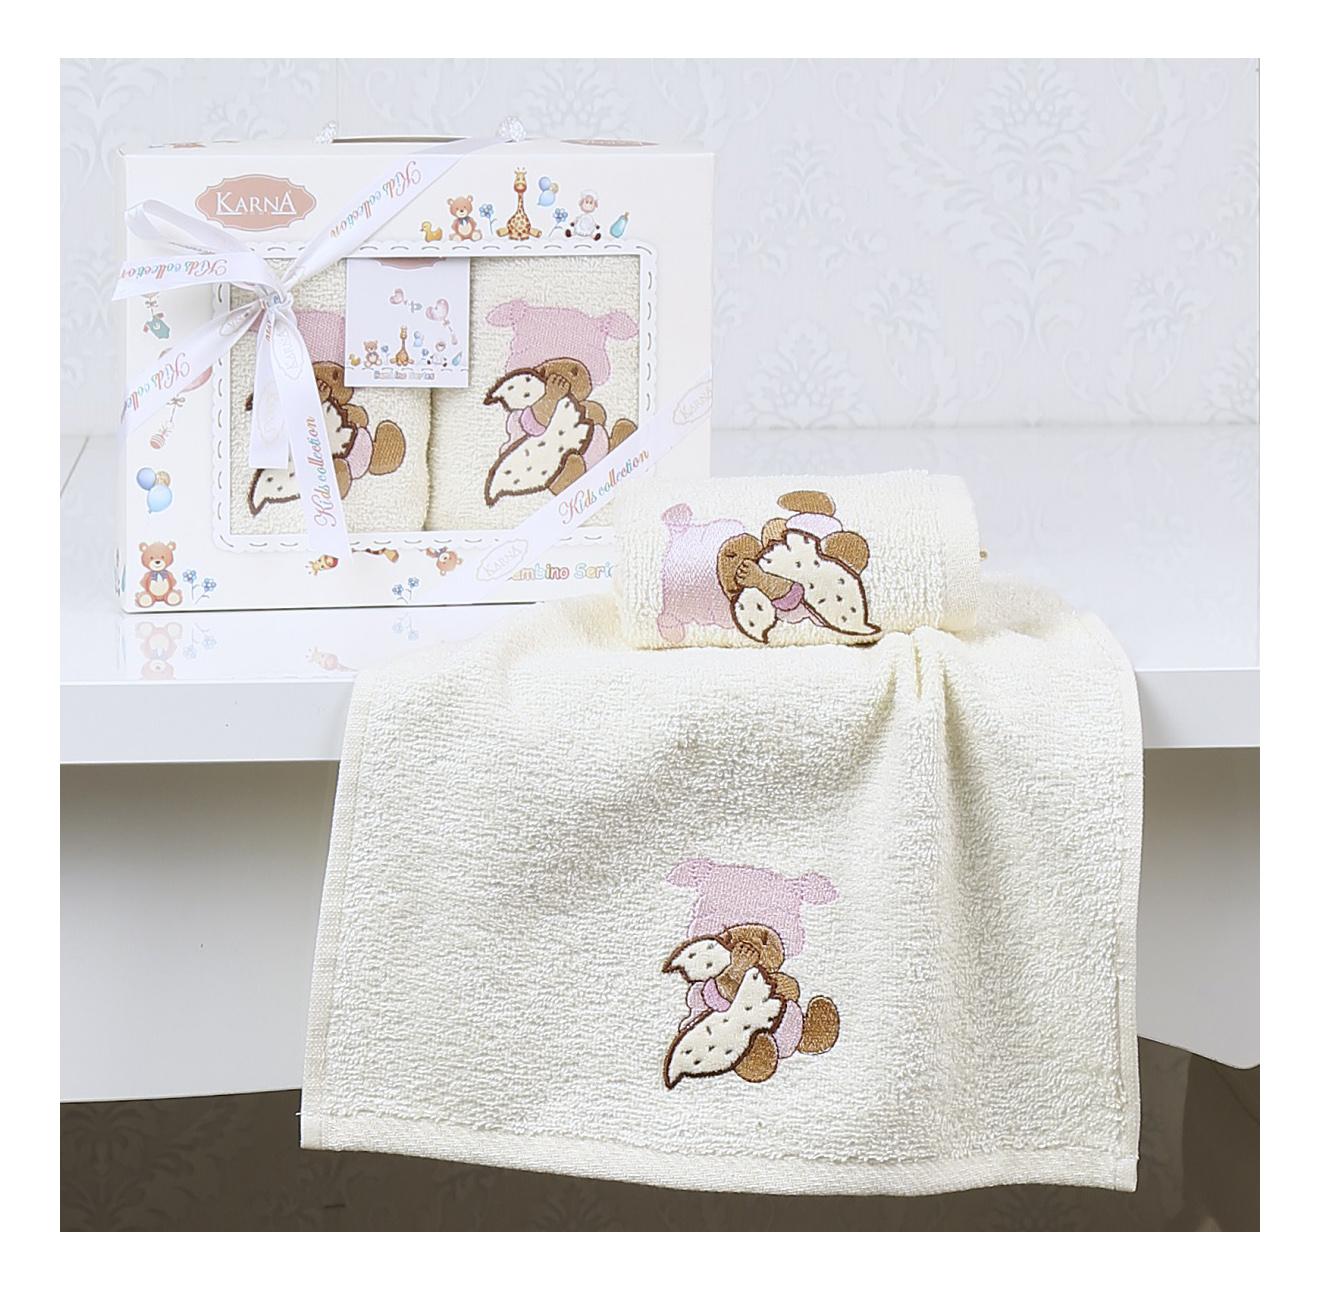 Купить Салфетки c вышивкой Karna детский BAMBINO 30х50 см 2 шт. Розовый 2136-V1, Аксессуары для купания